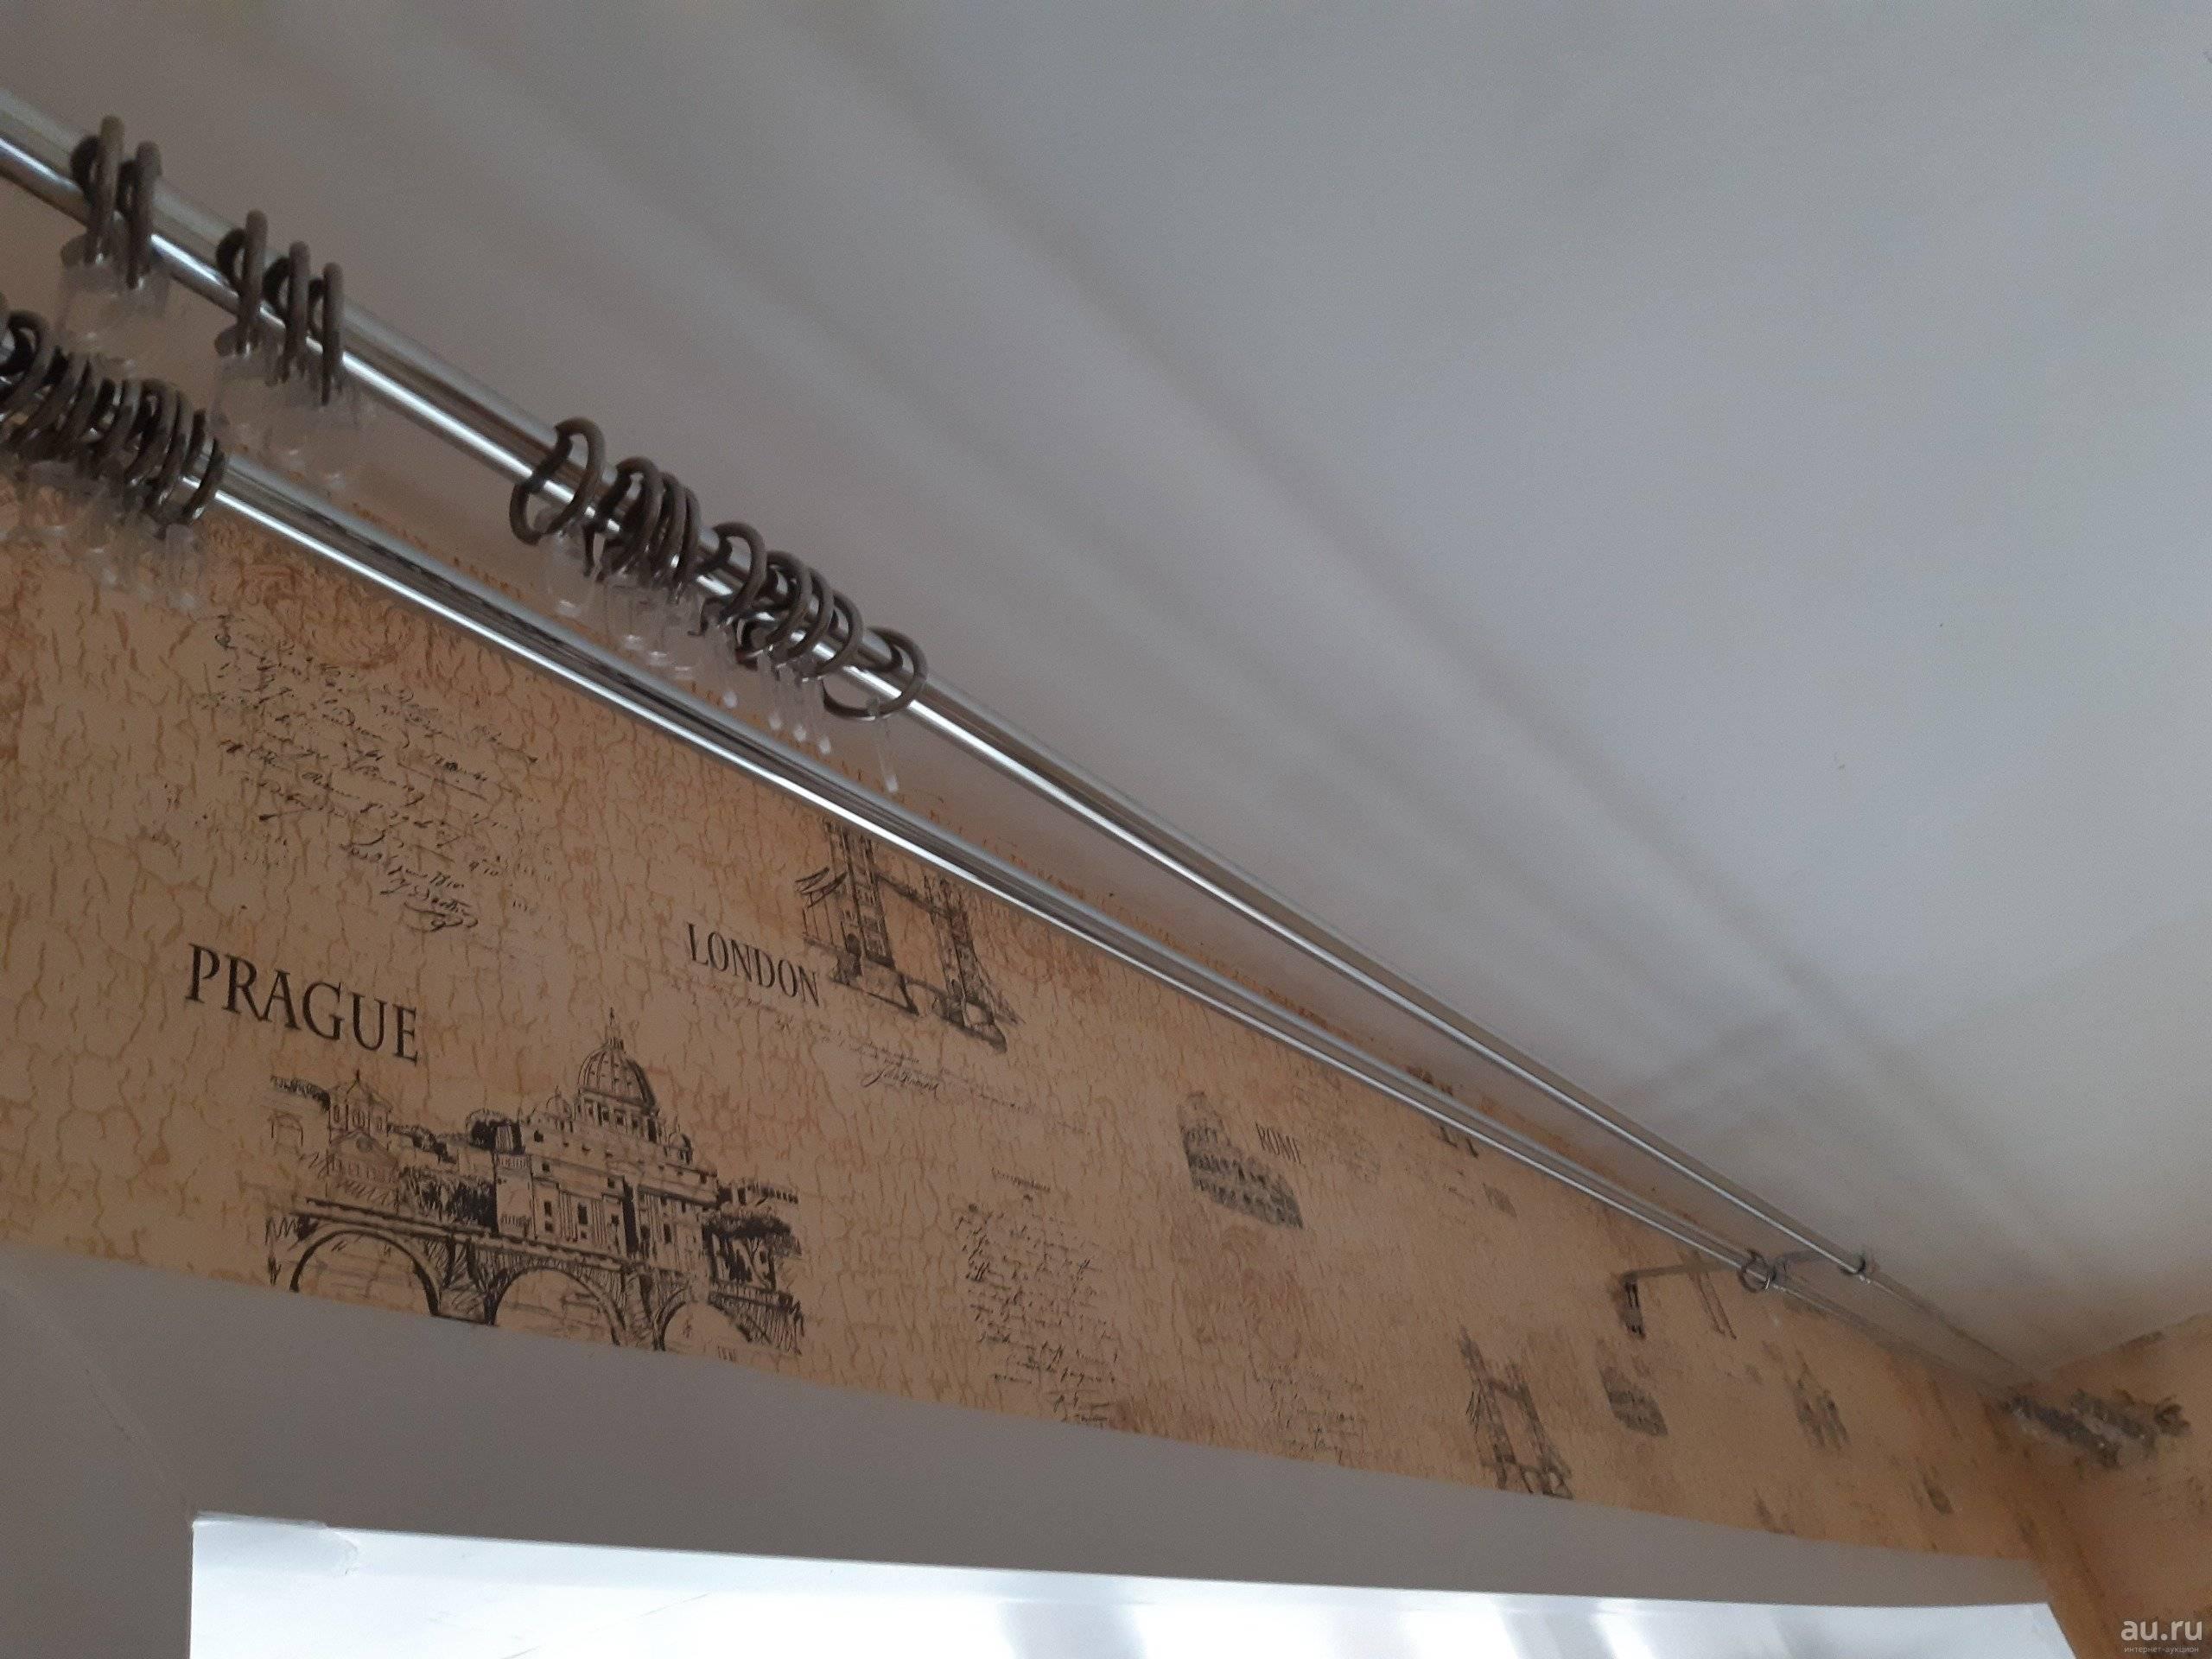 Как повесить карниз для штор на стену, потолок, фото, видео